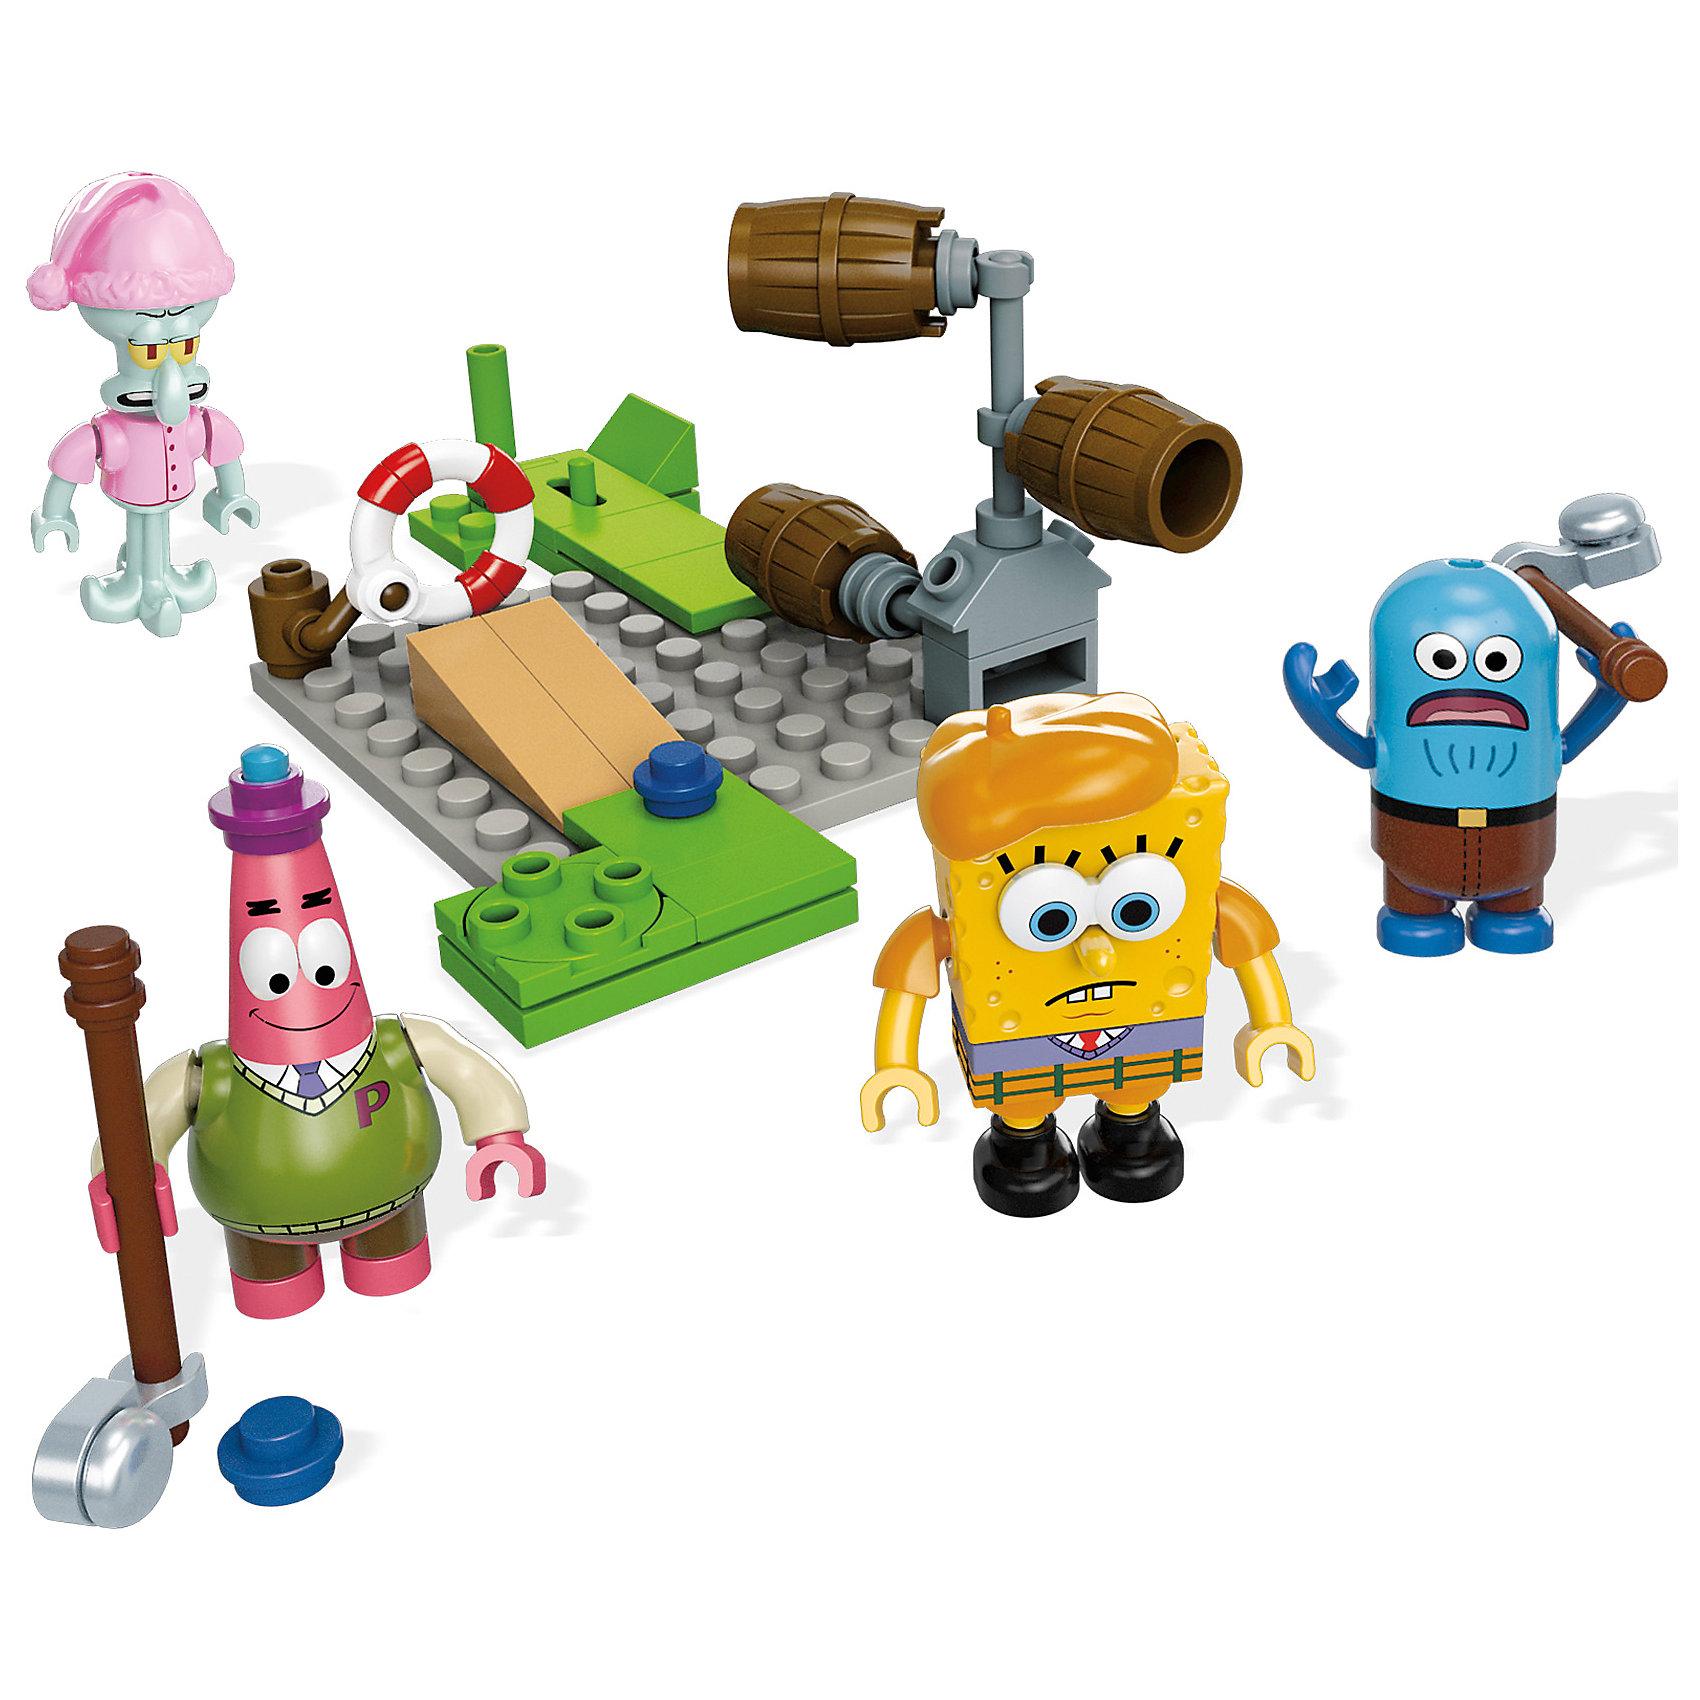 Губка Боб: мини игровой набор, Mega BloksКонструктор SpongeBob SquarePants, Mega Bloks (Мега Блокс) ? один из наборов, входящий в серию, посвященную знаменитому Губке Бобу и его друзьям. Конструктор этой серии состоит из нескольких мини-фигурок основных героев и аксессуаров для сюжетной игры. В этот раз любимые герои предстают в образе пиратов. Дополнительно в наборе идет пиратский плот с доской.<br>Конструктор SpongeBob SquarePants, Mega Bloks (Мега Блокс) выполнен из качественного прочного пластика. Конструктором предусмотрена совместимость с другими наборами серии SpongeBob SquarePants от Mega Bloks и с конструкторами Lego.<br>Играя с конструктором, ваш ребенок развивает мелкую моторику рук и логическое мышление, тренирует память. Сюжетность конструктора способствует развитию воображения и фантазии.<br><br>Дополнительная информация:<br><br>- Вид игр: сюжетно-ролевые, конструирование <br>- Предназначение: для дома<br>- Материал: пластик<br>- Комплектация: мини-фигурки, аксессуары<br>- Размер (Д*Ш*В): 4,5*15*24,5 см<br>- Вес: 329 г <br>- Особенности ухода: детали конструктора можно мыть<br><br>Подробнее:<br><br>• Для детей в возрасте: от 5 лет и до 10 лет<br>• Страна производитель: Китай<br>• Торговый бренд: Mega Bloks<br><br>Конструктор SpongeBob SquarePants, Mega Bloks (Мега Блокс) можно купить в нашем интернет-магазине.<br><br>Ширина мм: 45<br>Глубина мм: 150<br>Высота мм: 245<br>Вес г: 329<br>Возраст от месяцев: 60<br>Возраст до месяцев: 120<br>Пол: Мужской<br>Возраст: Детский<br>SKU: 4867664